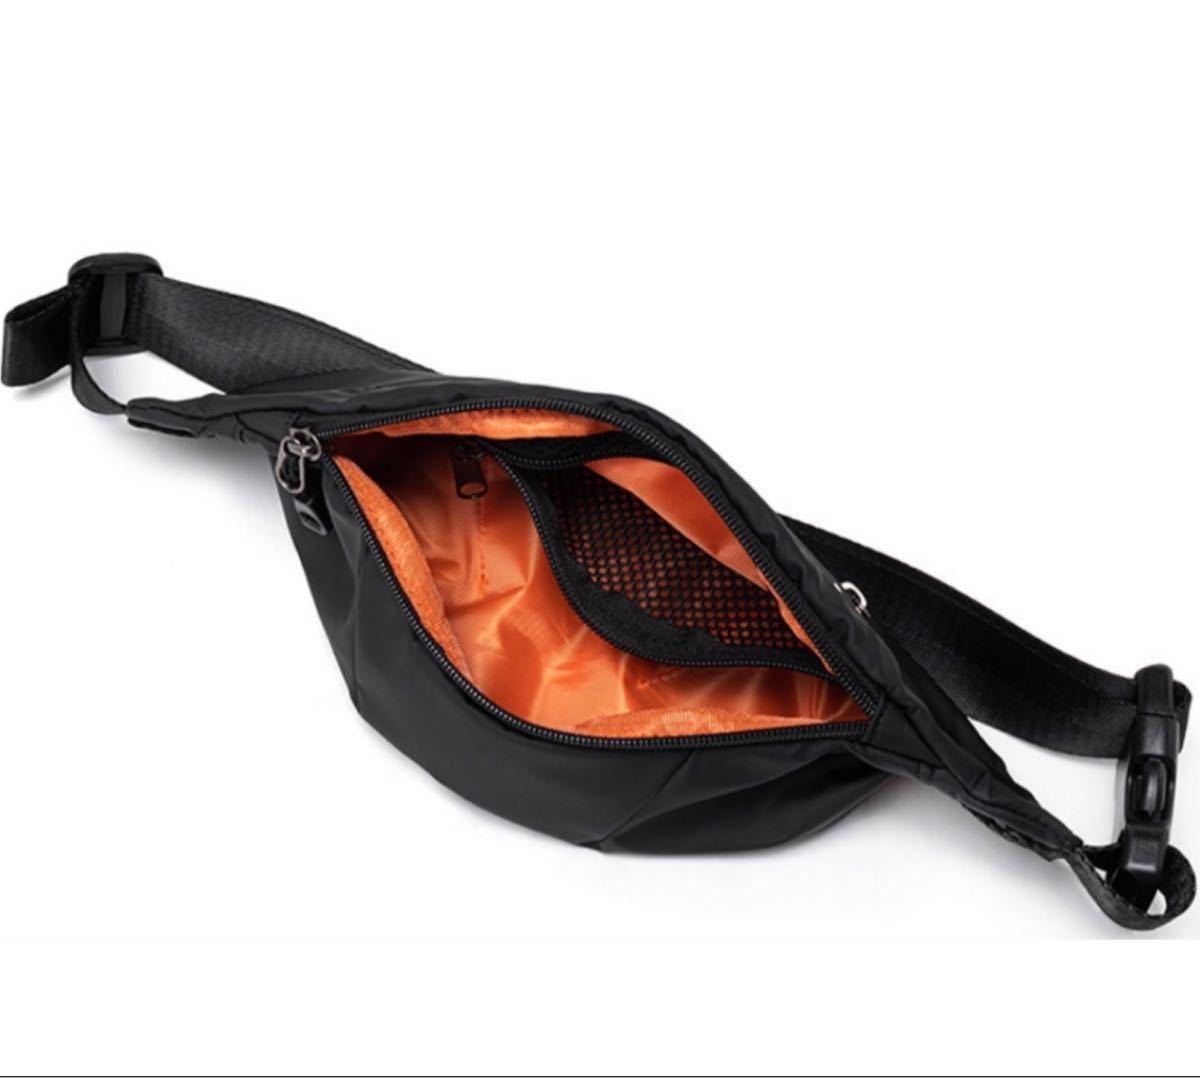 ウエストバッグ ウエストポーチ ボディバッグ BLACK 黒 防水加工 男女兼用  高品質 頑丈 ブラック